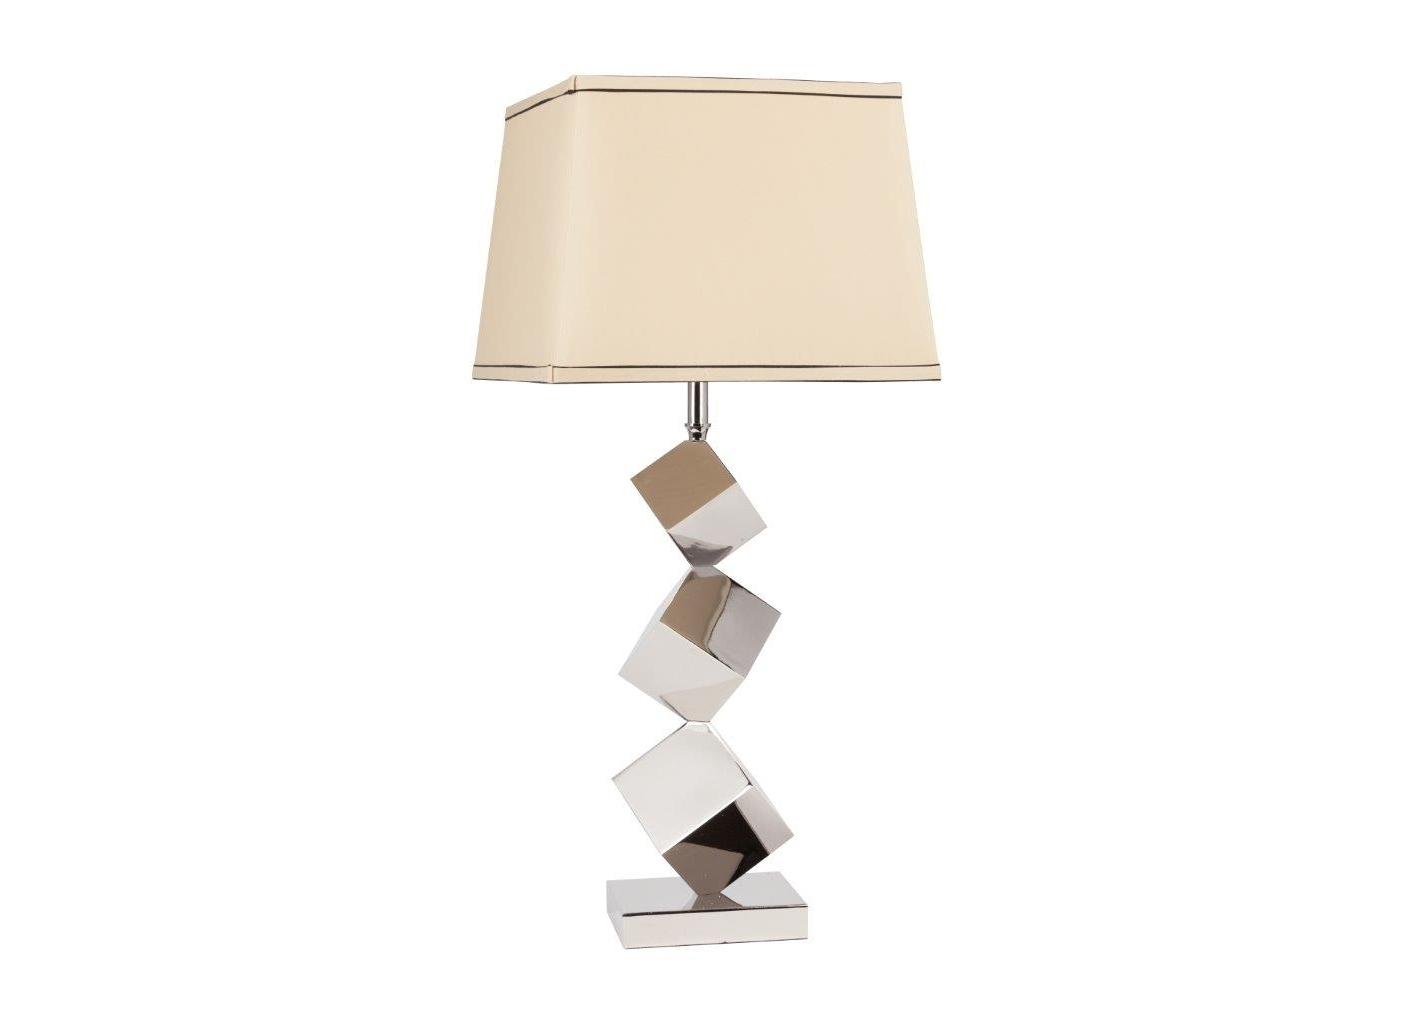 Напольный светильник CoffeeНастольные лампы<br>Высокий, удобный напольный светильник Coffee с металлическим необычным корпусом и тканевым, кофейного цвета абажуром, выполнен в современном стиле, создаст уютную обстановку в доме, отлично подойдет в качестве подарка. Предназначен для использования со светодиодными лампами.&amp;amp;nbsp;&amp;lt;div&amp;gt;&amp;lt;br&amp;gt;&amp;lt;/div&amp;gt;&amp;lt;div&amp;gt;Упакован в 2 коробки размерами 71*28*28 см и 30*35*35 см.&amp;lt;div&amp;gt;&amp;lt;br&amp;gt;&amp;lt;/div&amp;gt;&amp;lt;div&amp;gt;&amp;lt;div&amp;gt;Цоколь: E27&amp;lt;/div&amp;gt;&amp;lt;div&amp;gt;Мощность лампы: 60W&amp;lt;/div&amp;gt;&amp;lt;div&amp;gt;Количество ламп: 1&amp;lt;/div&amp;gt;&amp;lt;/div&amp;gt;&amp;lt;/div&amp;gt;<br><br>Material: Металл<br>Width см: 33<br>Depth см: 33<br>Height см: 85